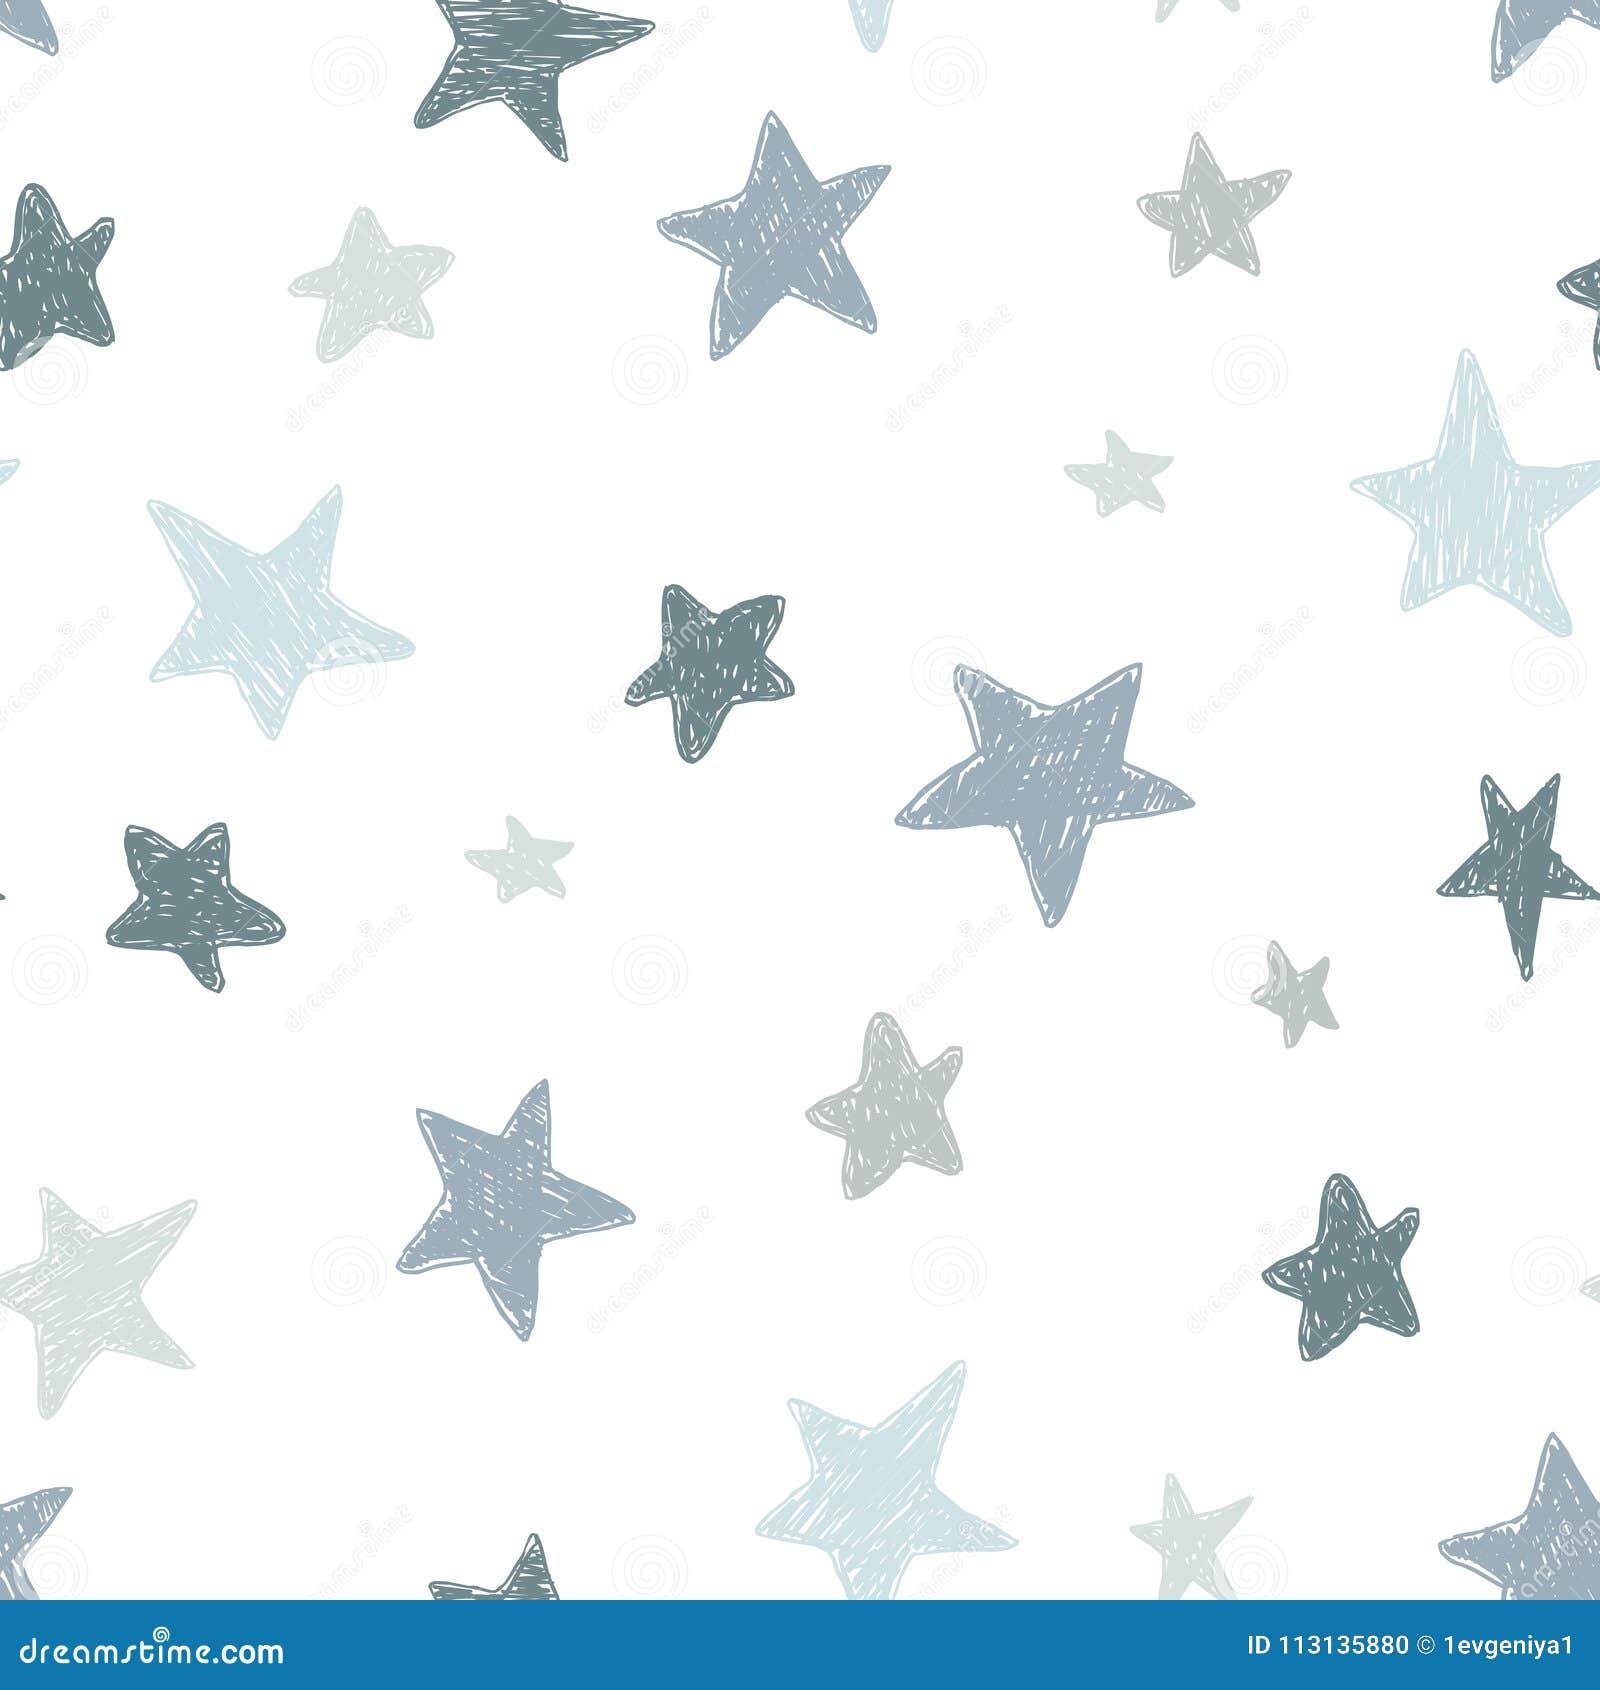 传染媒介哄骗与乱画被构造的星的样式 导航无缝的背景,黑色,灰色,白色,斯堪的纳维亚样式